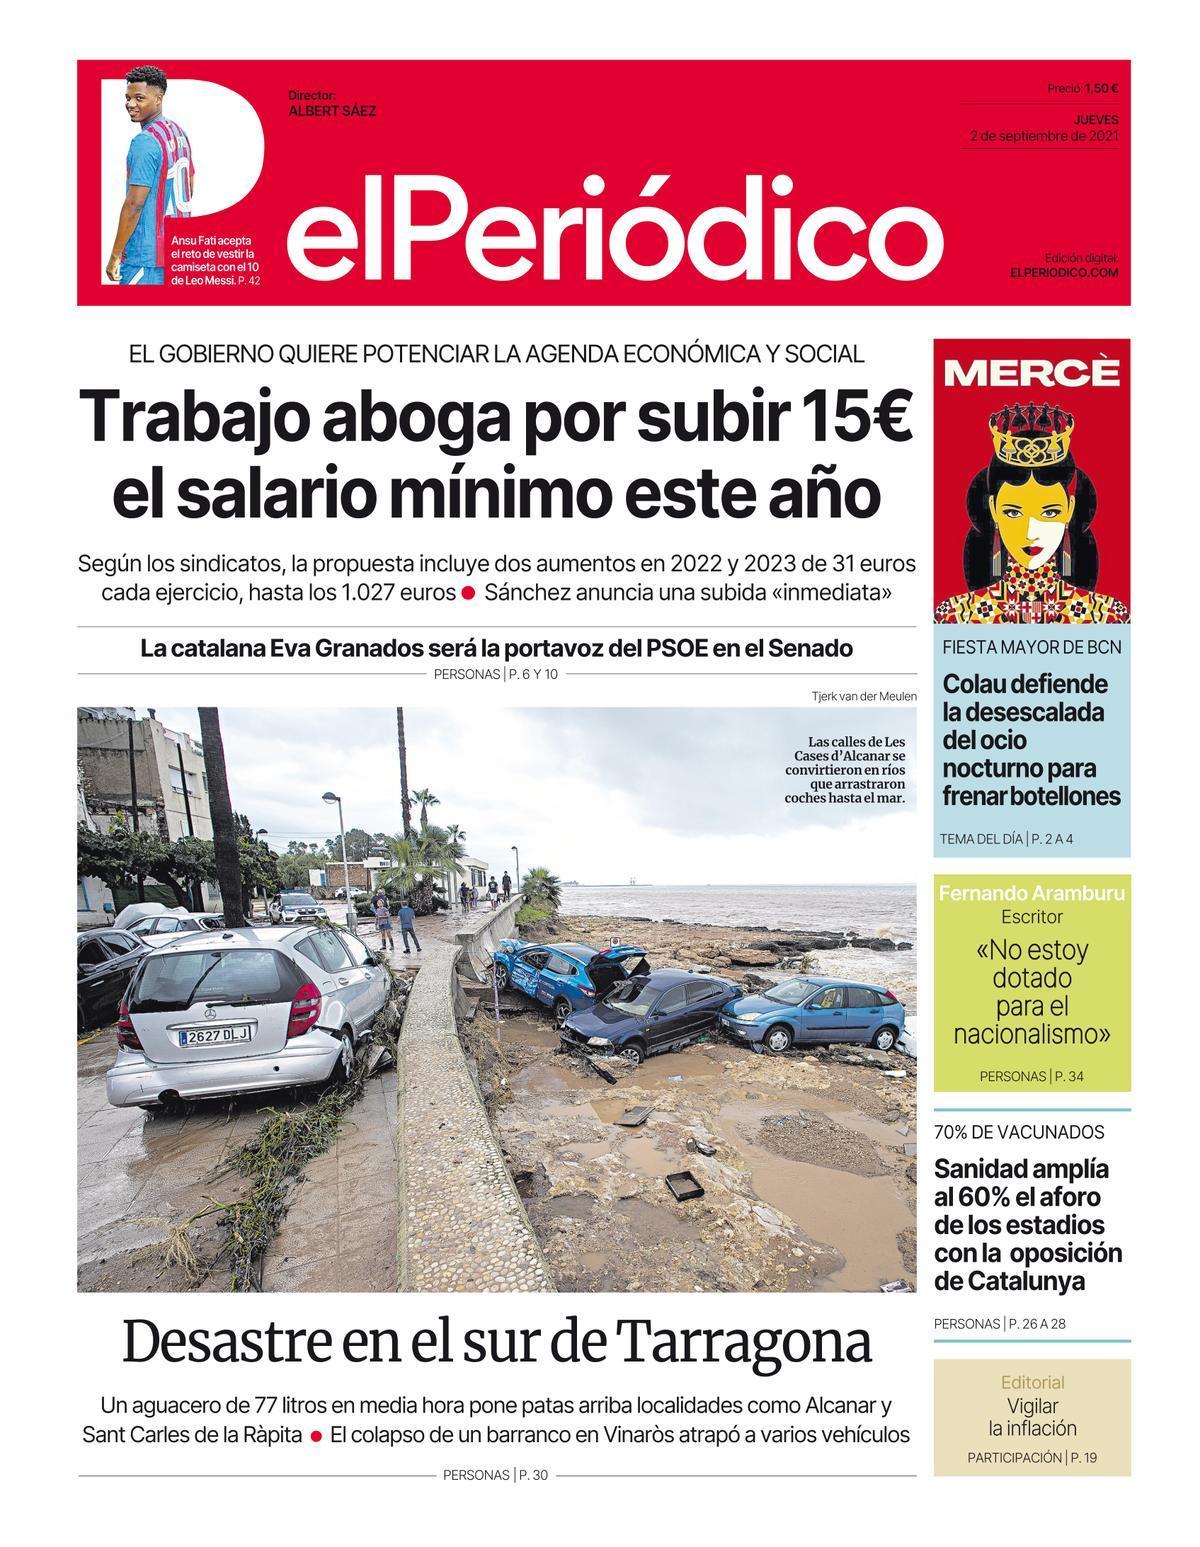 La portada de EL PERIÓDICO del 2 de septiembre de 2021